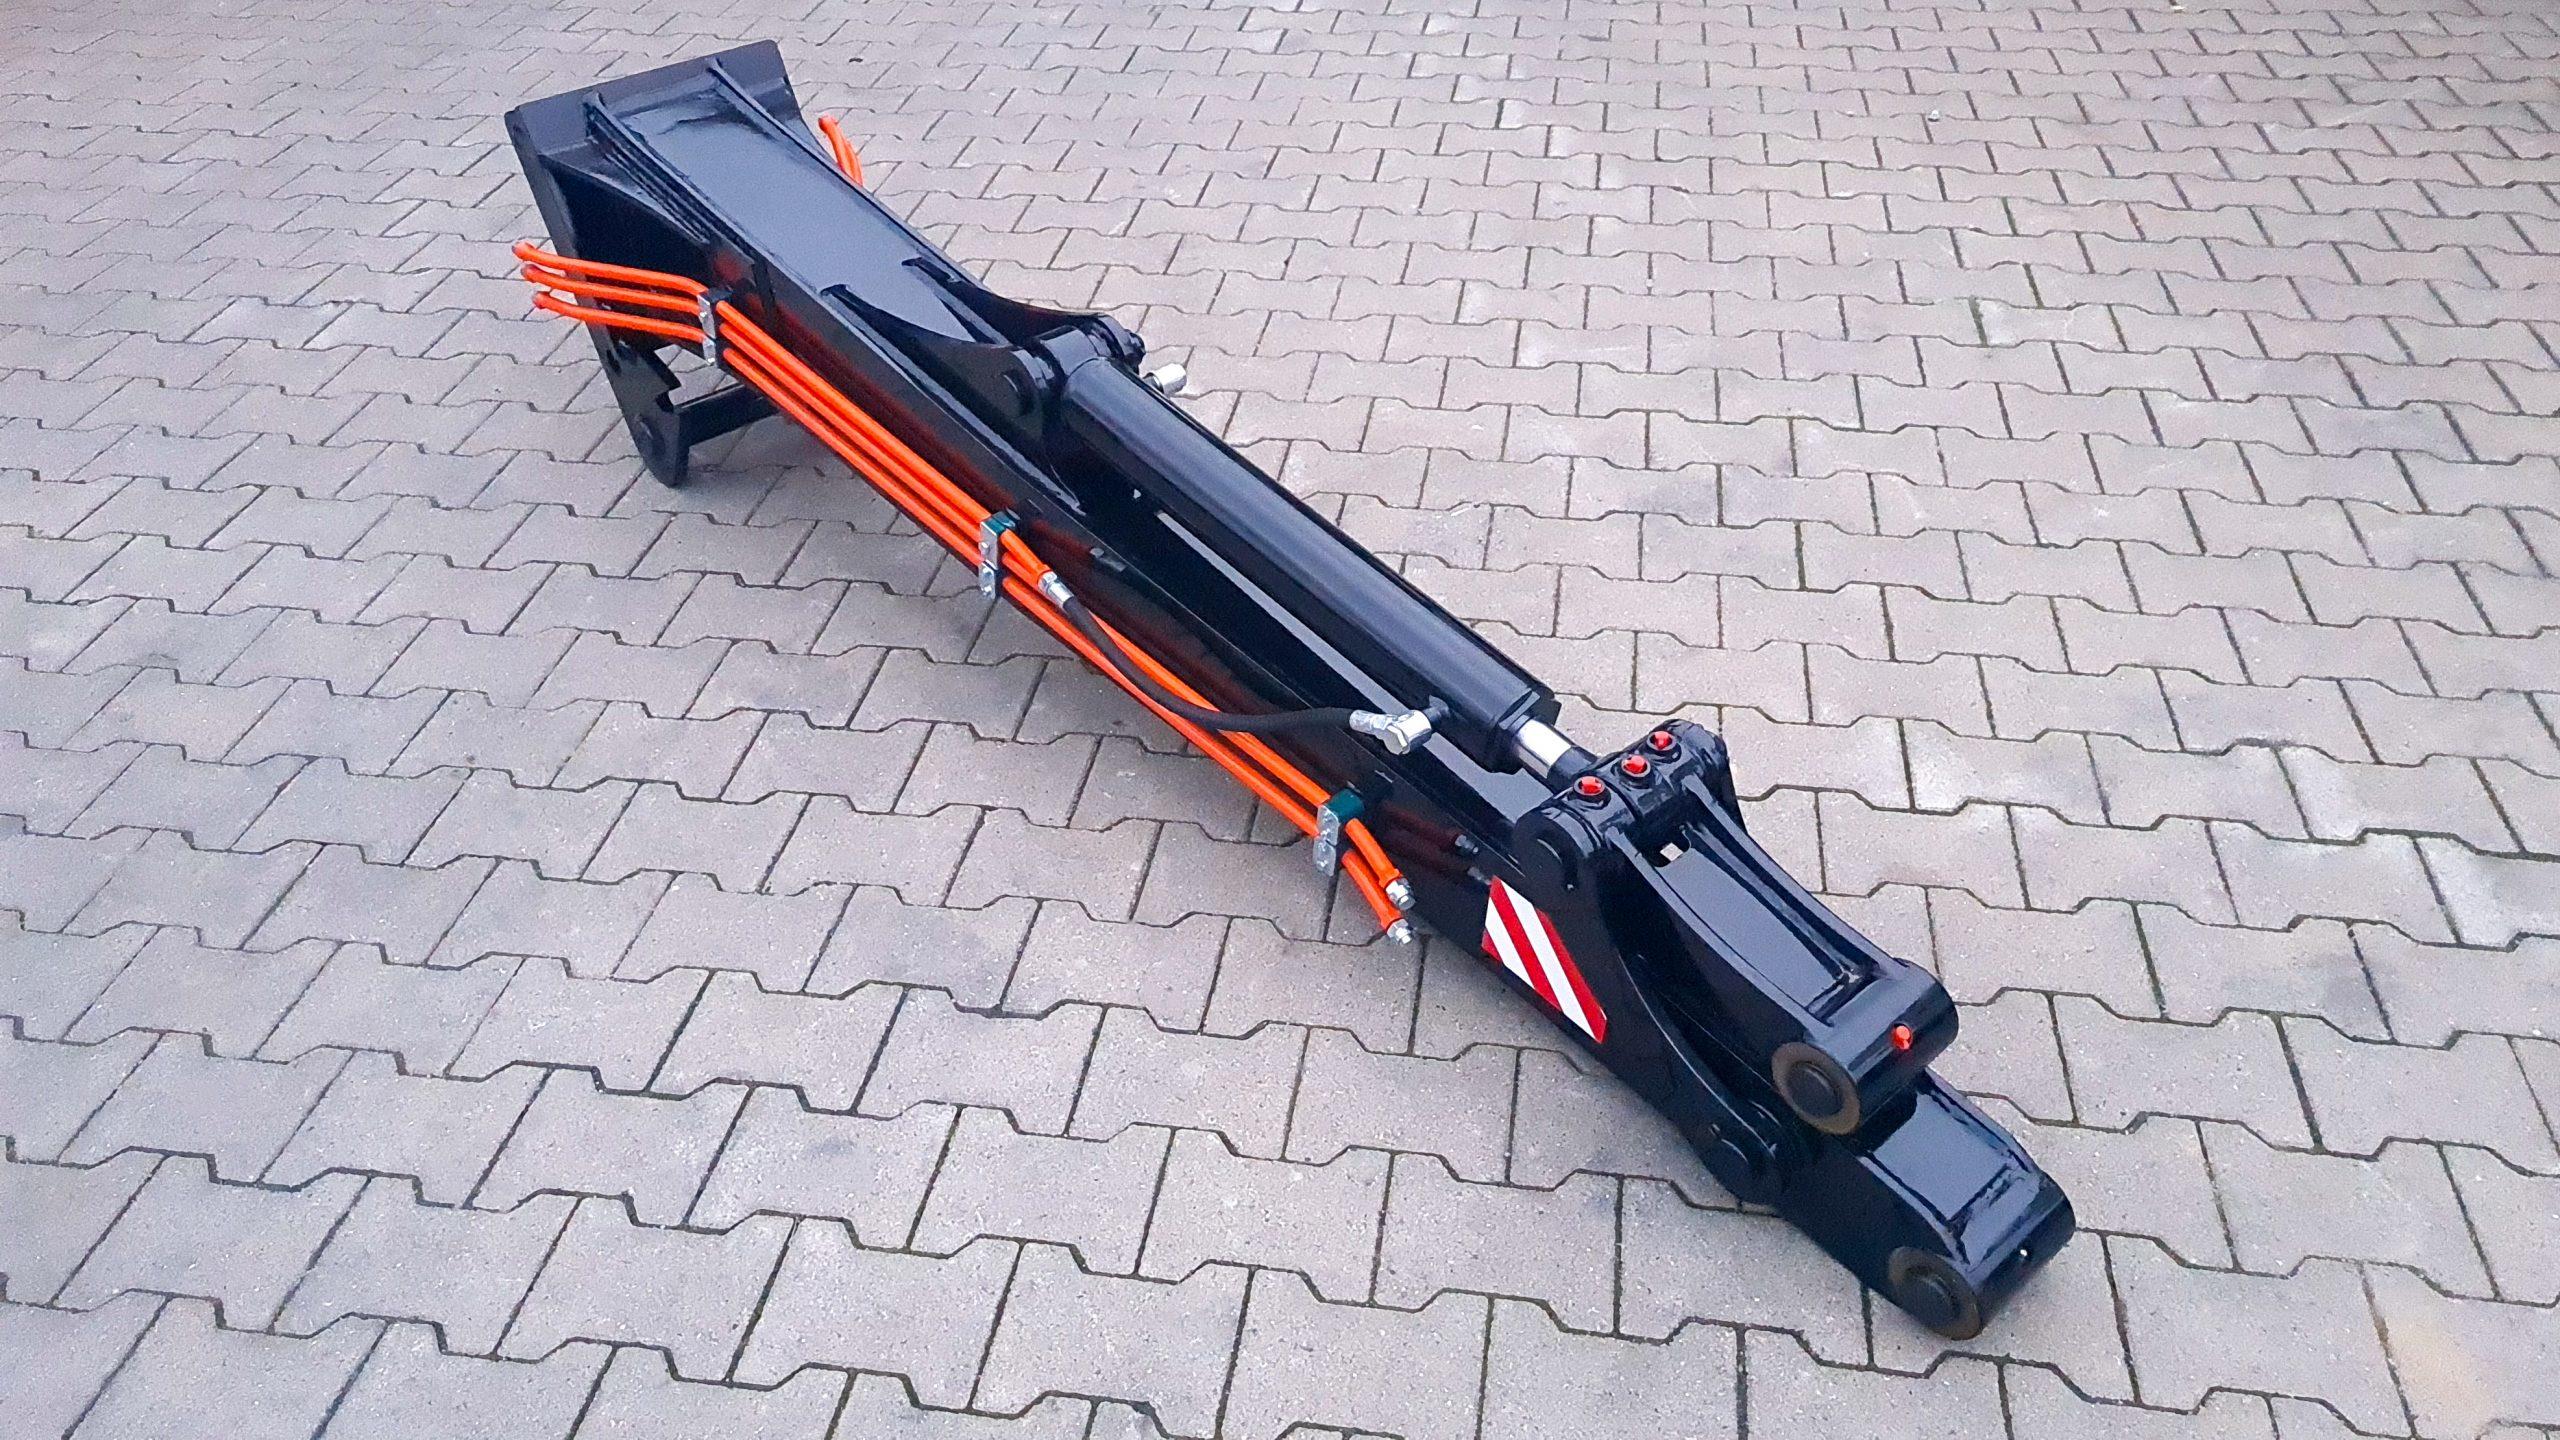 Armverlängerung passend für Lehnhoff MS08 / 2000 mm / Kat. 3K / inkl. 2 zusätzlicher Hydraulikleitungen